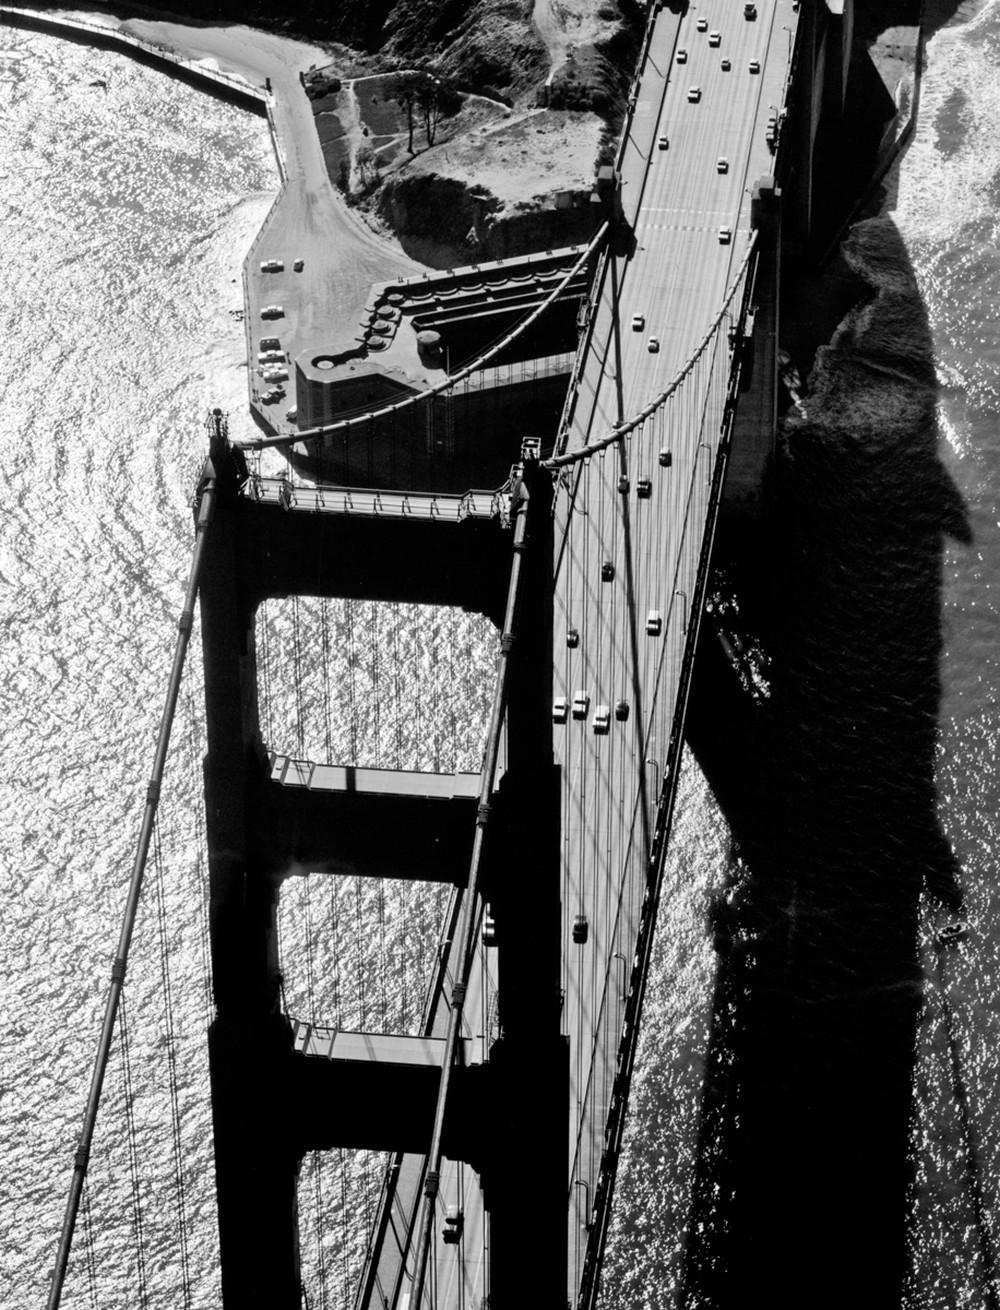 San-Frantsisko-ulichnye-fotografii-1940-50-godov-Freda-Liona 40